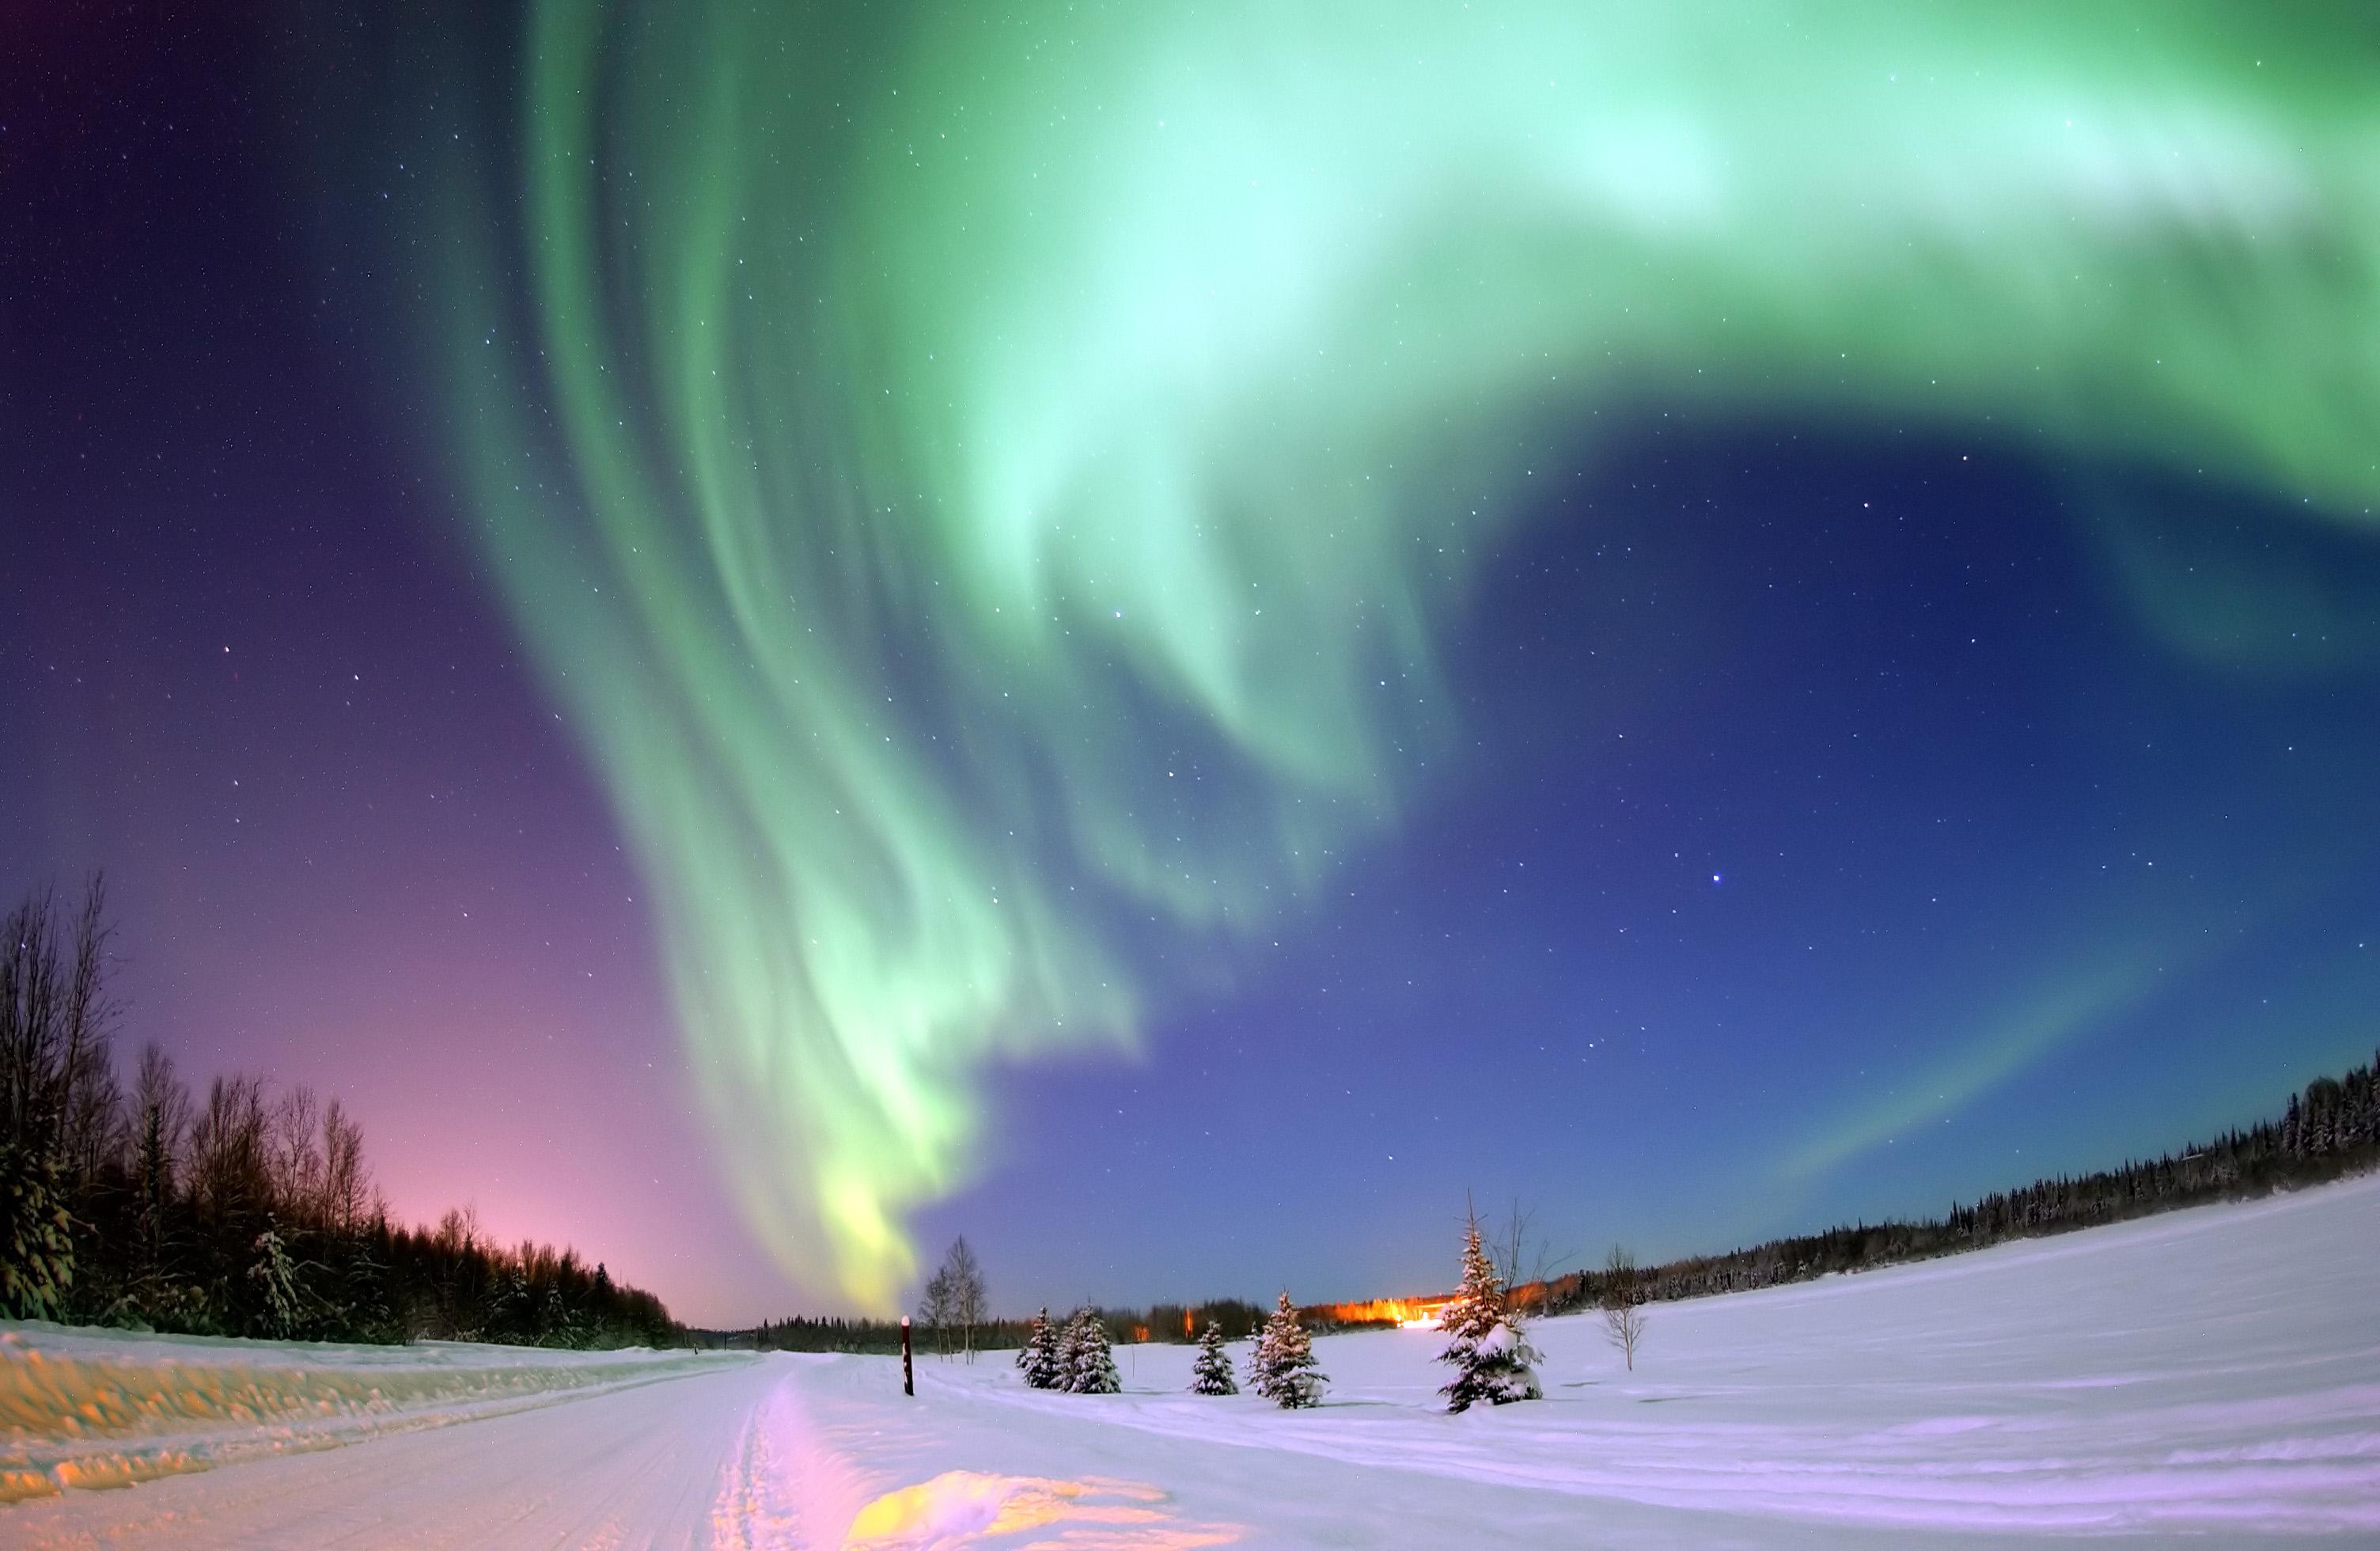 155202 скачать обои Зима, Снег, Северное Сияние, Природа, Звездное Небо, Аврора - заставки и картинки бесплатно